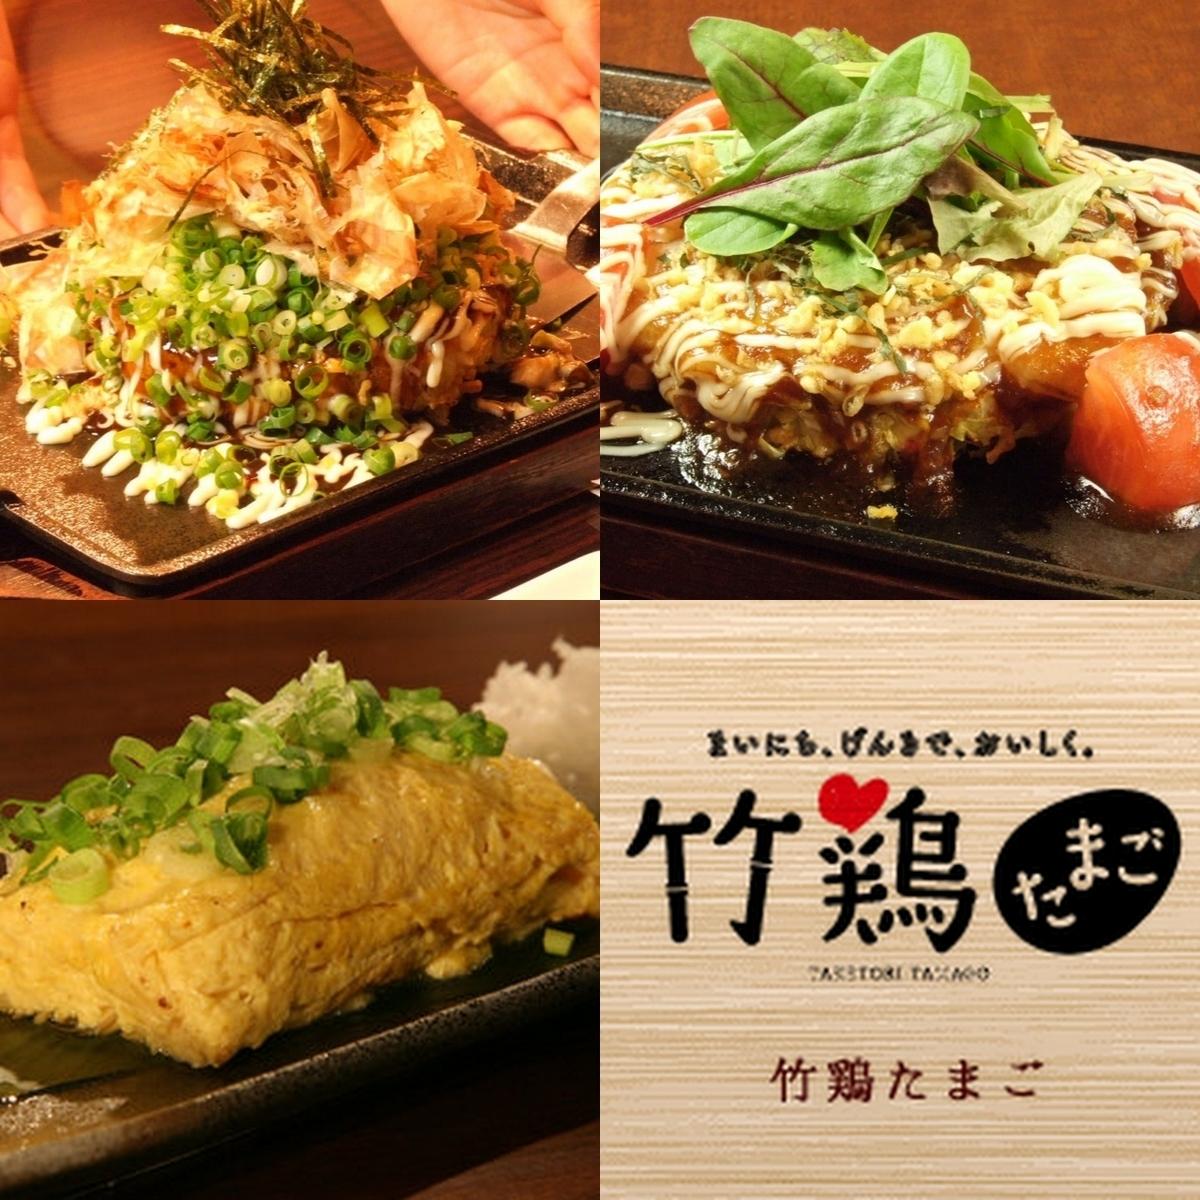 白石の契約農場竹鶏ファーム直送の新鮮たまごを使用☆